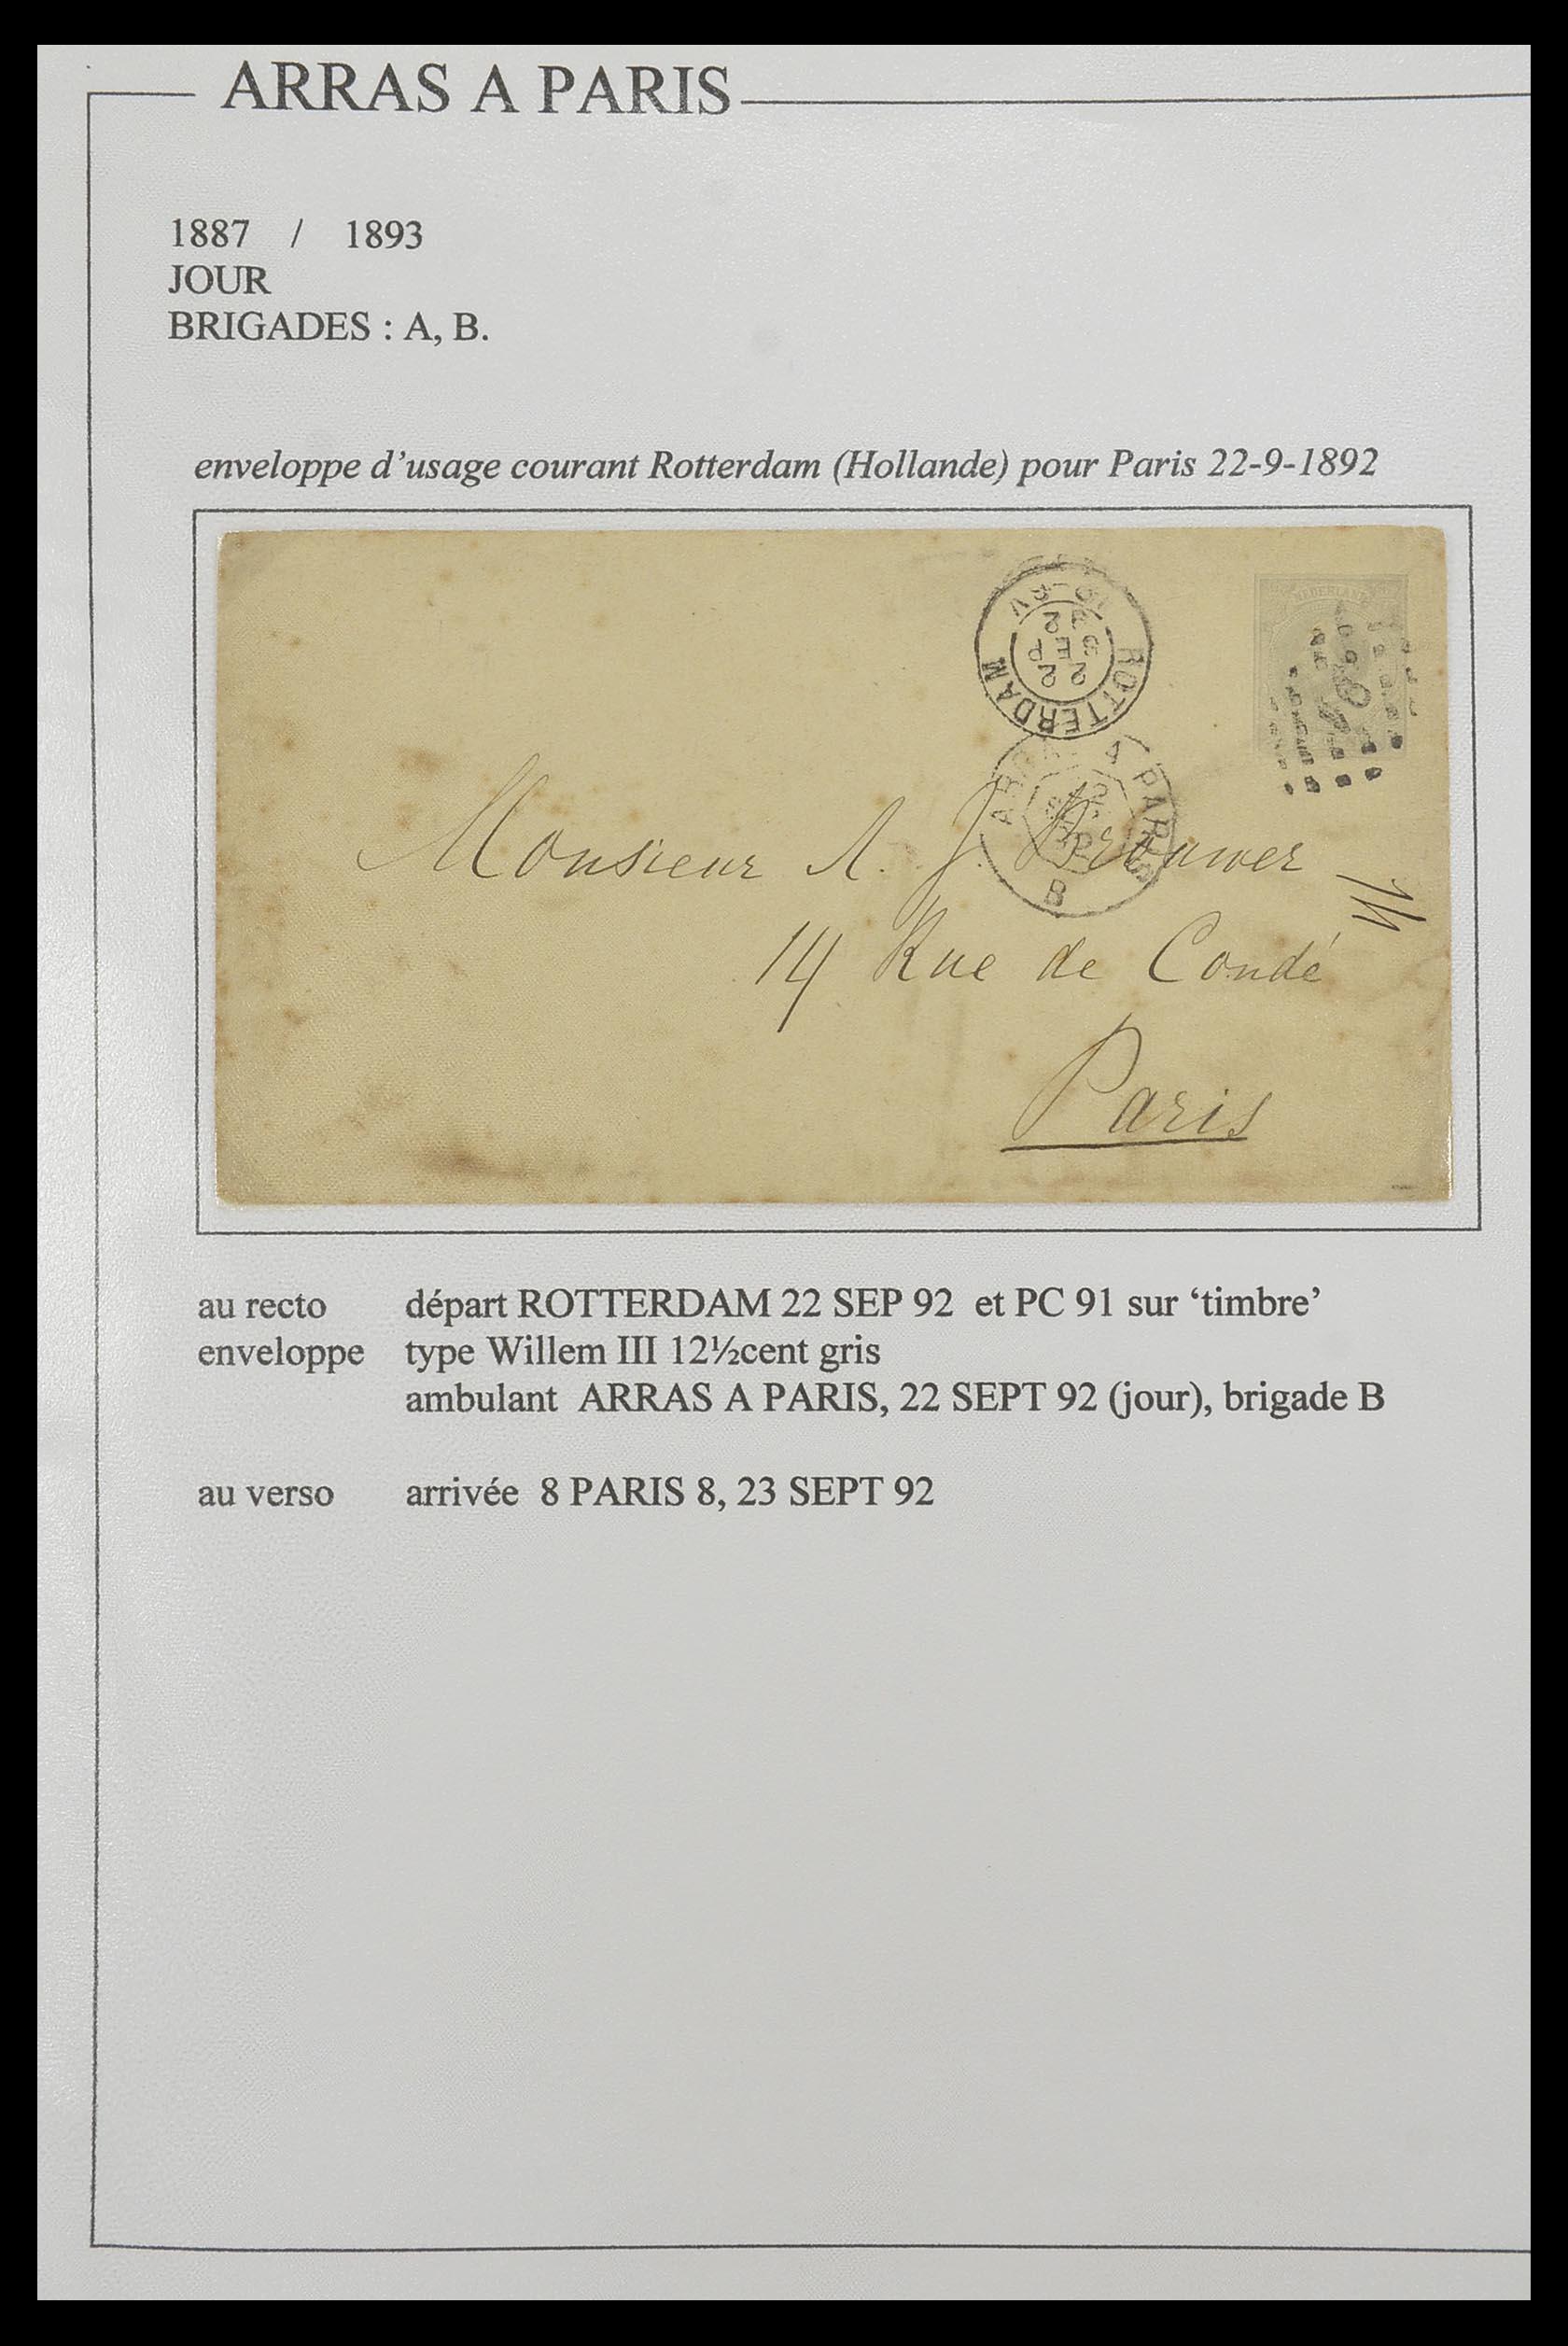 33624 002 - Postzegelverzameling 33624 Frankrijk brieven 1854-1907.